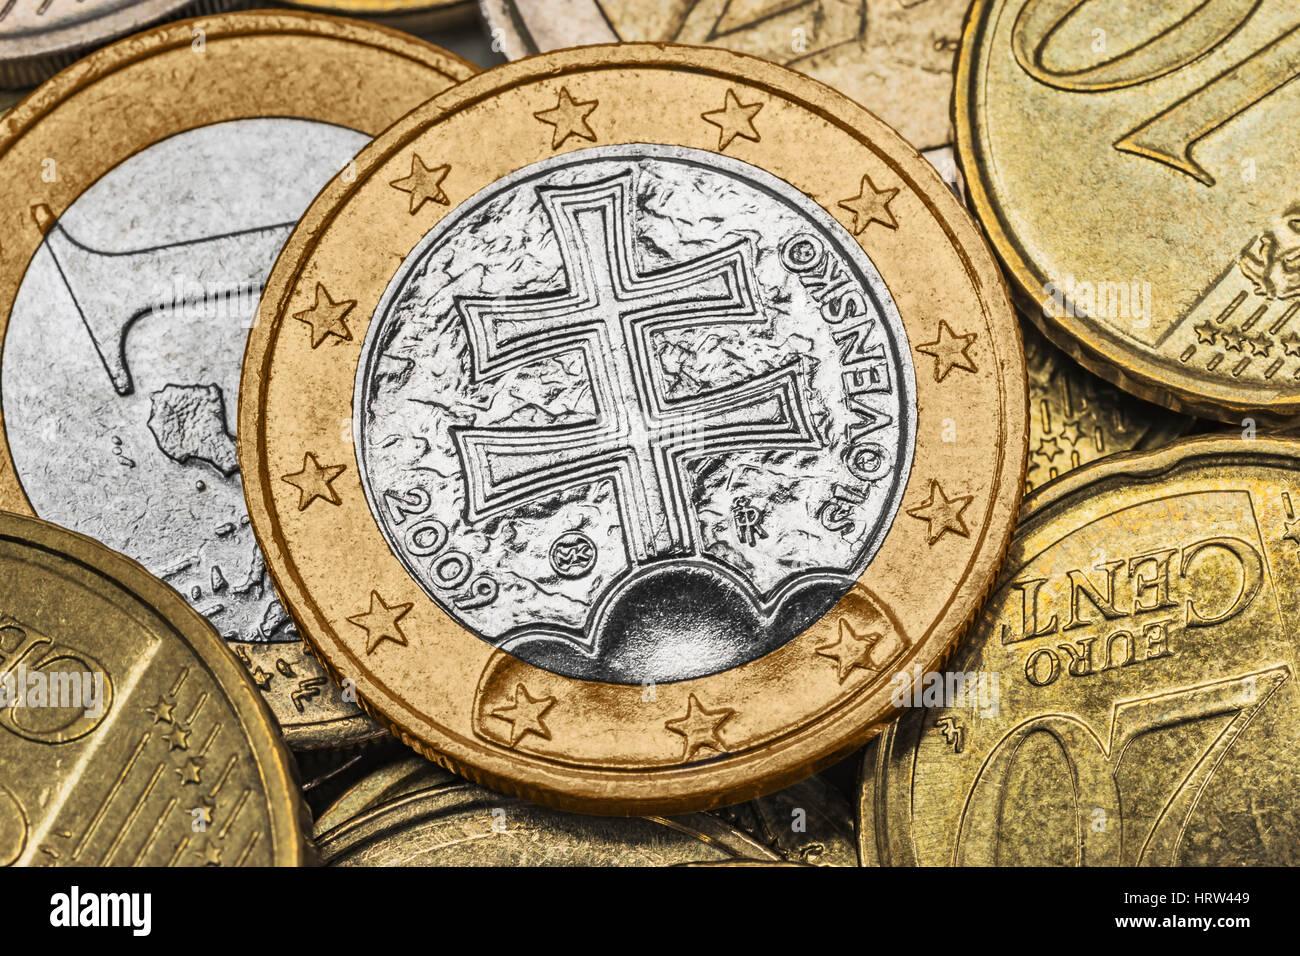 Viele Euro Münzen An Der Spitze Ist Eine 1 Euro Münze Aus Der